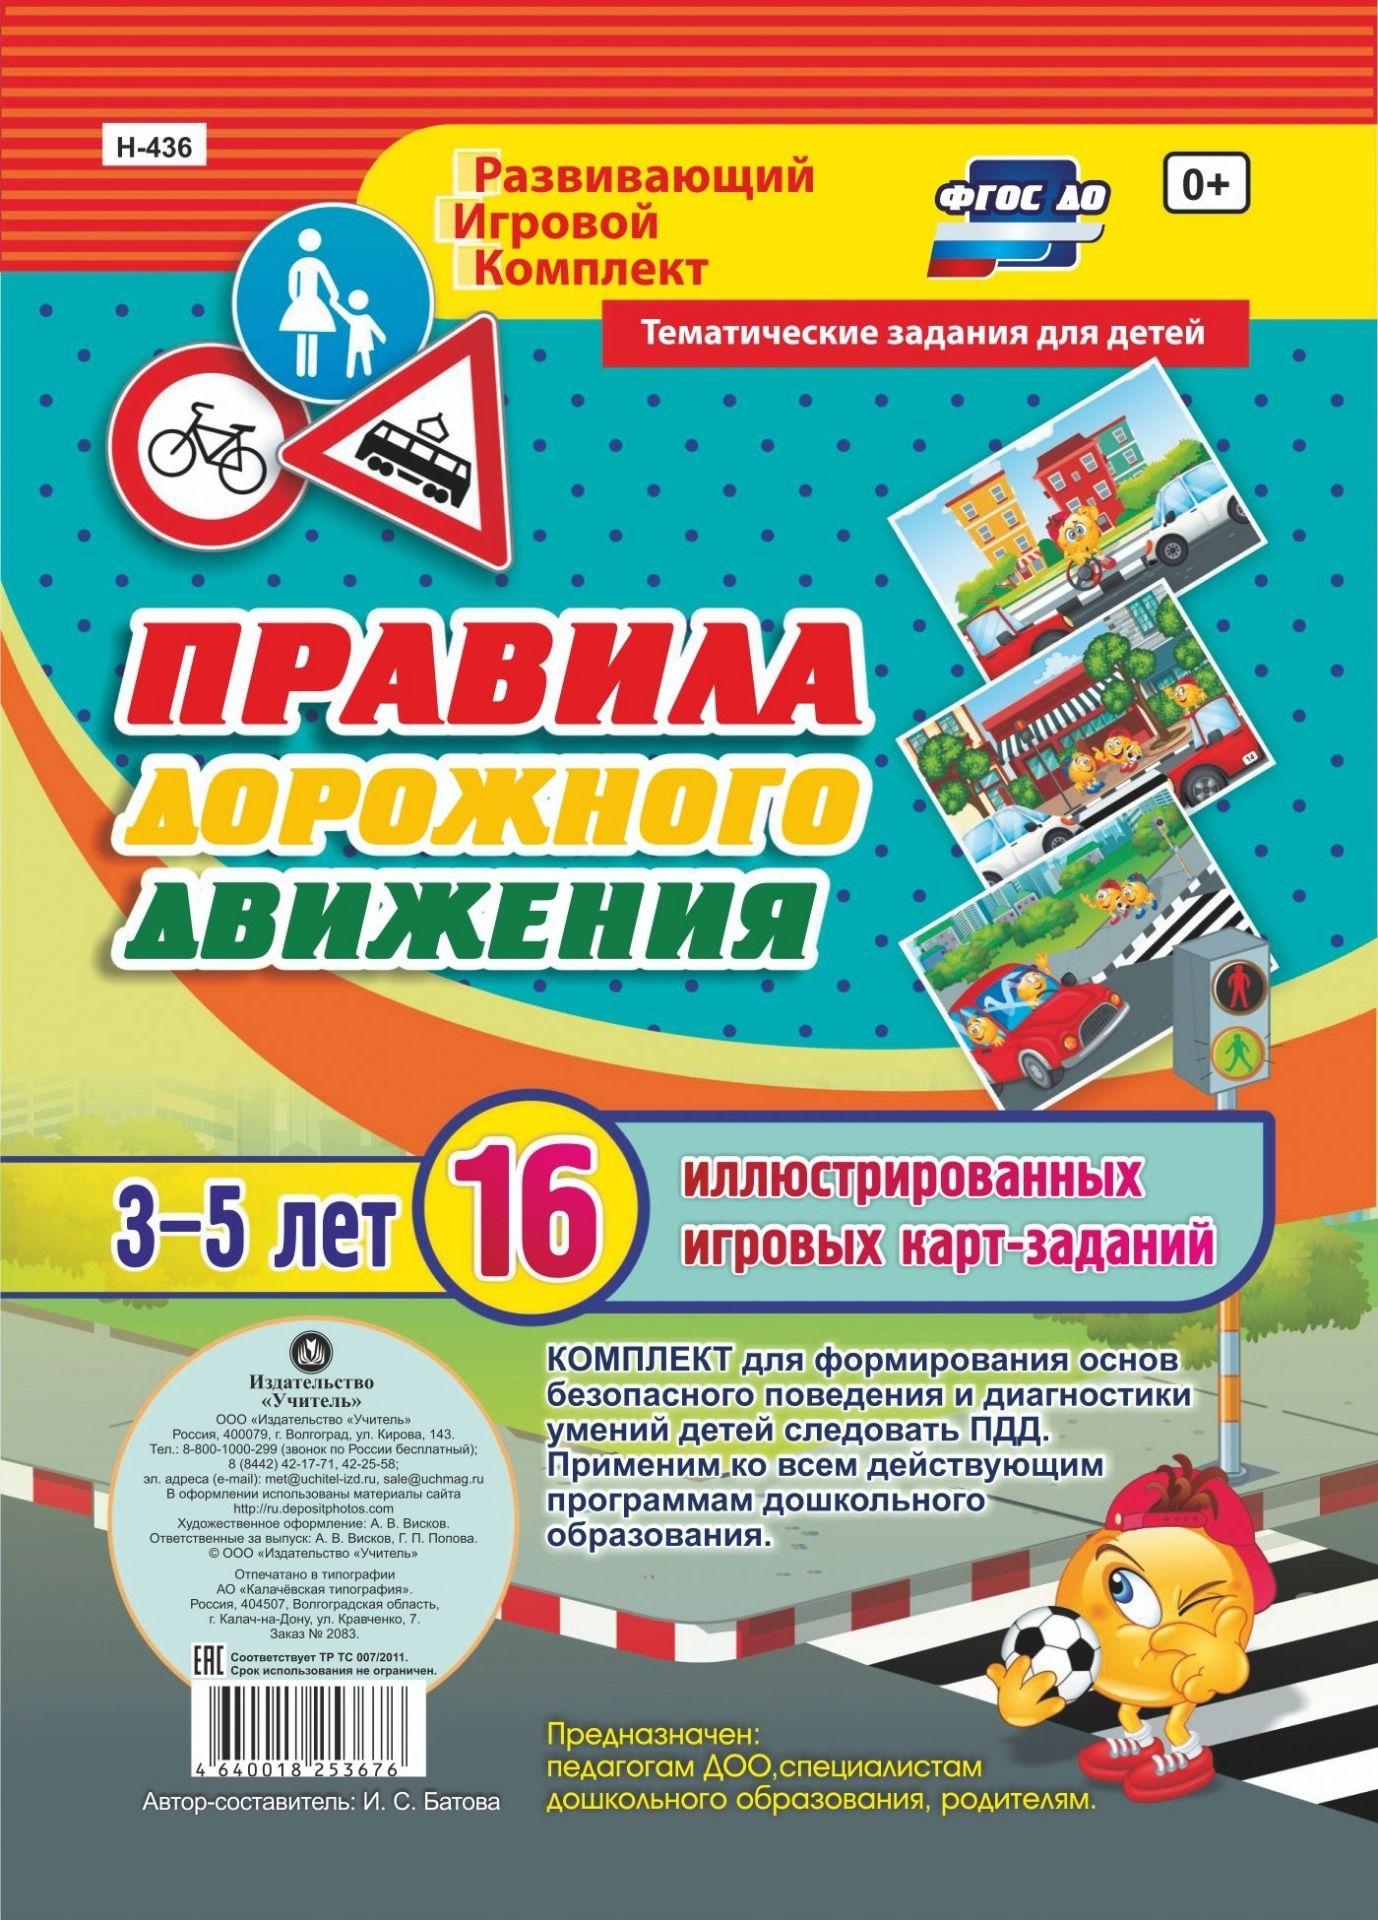 Правила дорожного движения для детей 3-5 лет: 16 иллюстрированных игровых карт-заданий